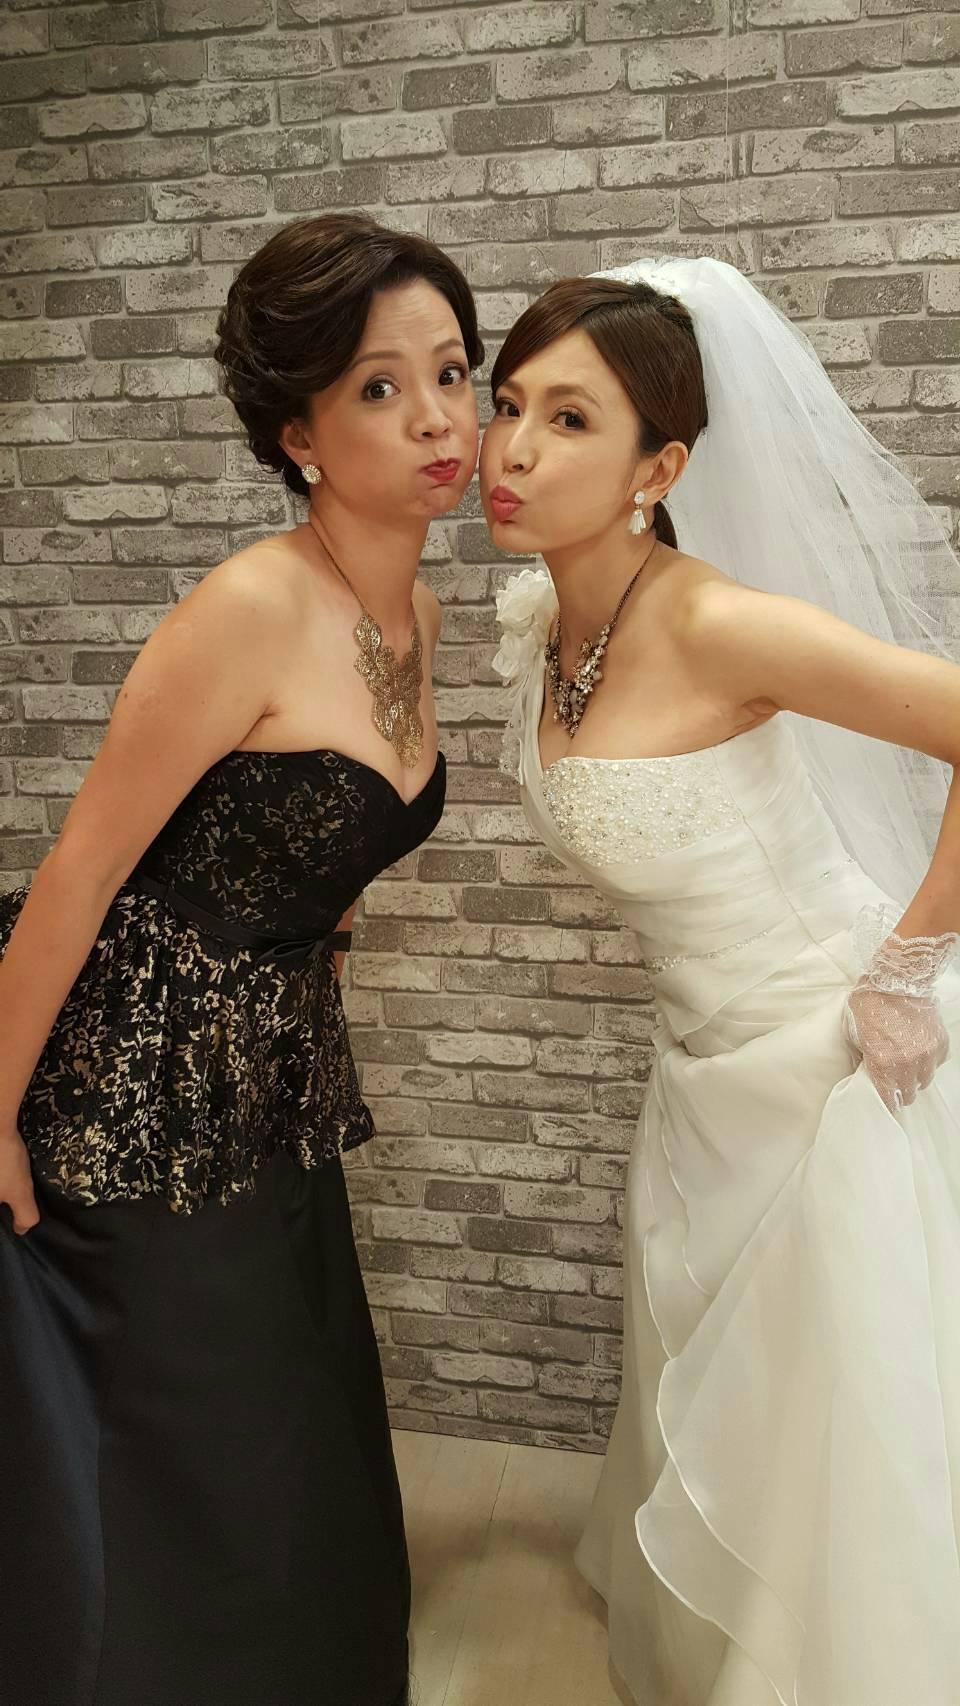 德馨(右)、高欣欣在戲裡分別演小三、大老婆,穿婚紗黑白對決。圖/民視提供